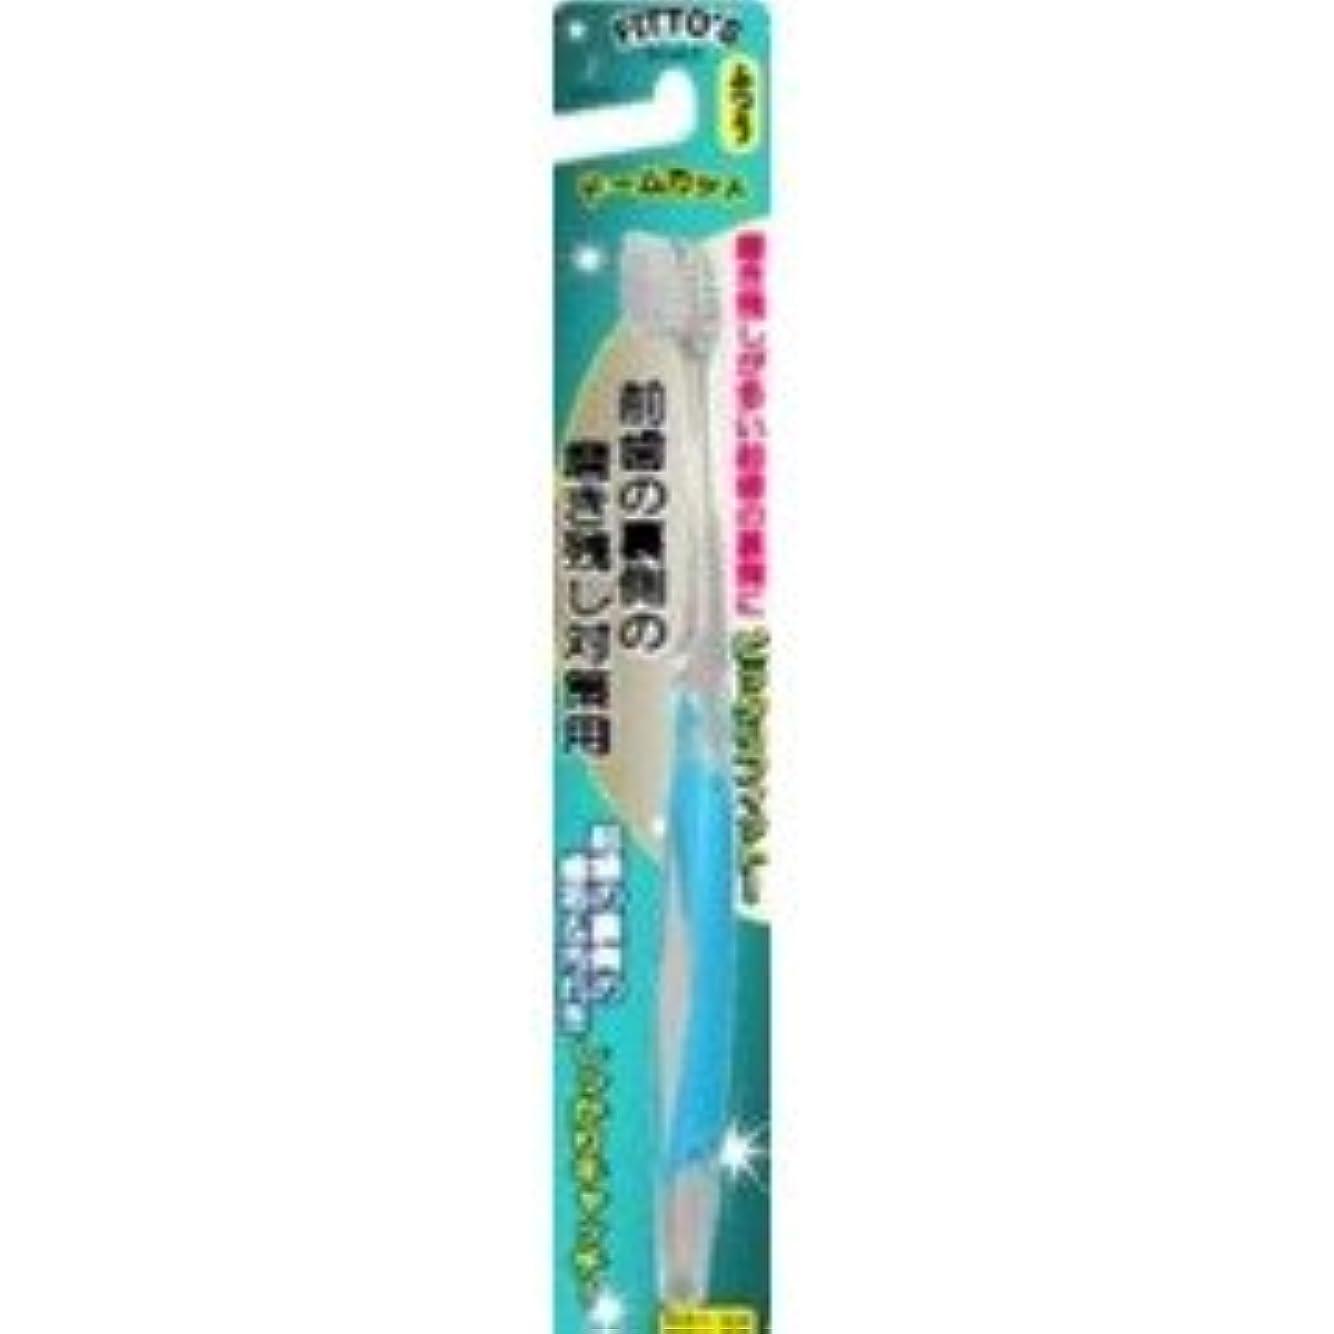 フィラデルフィアポイントコンデンサー前歯の裏側の磨き残し対策用歯ブラシ フィットス ふつう×3個